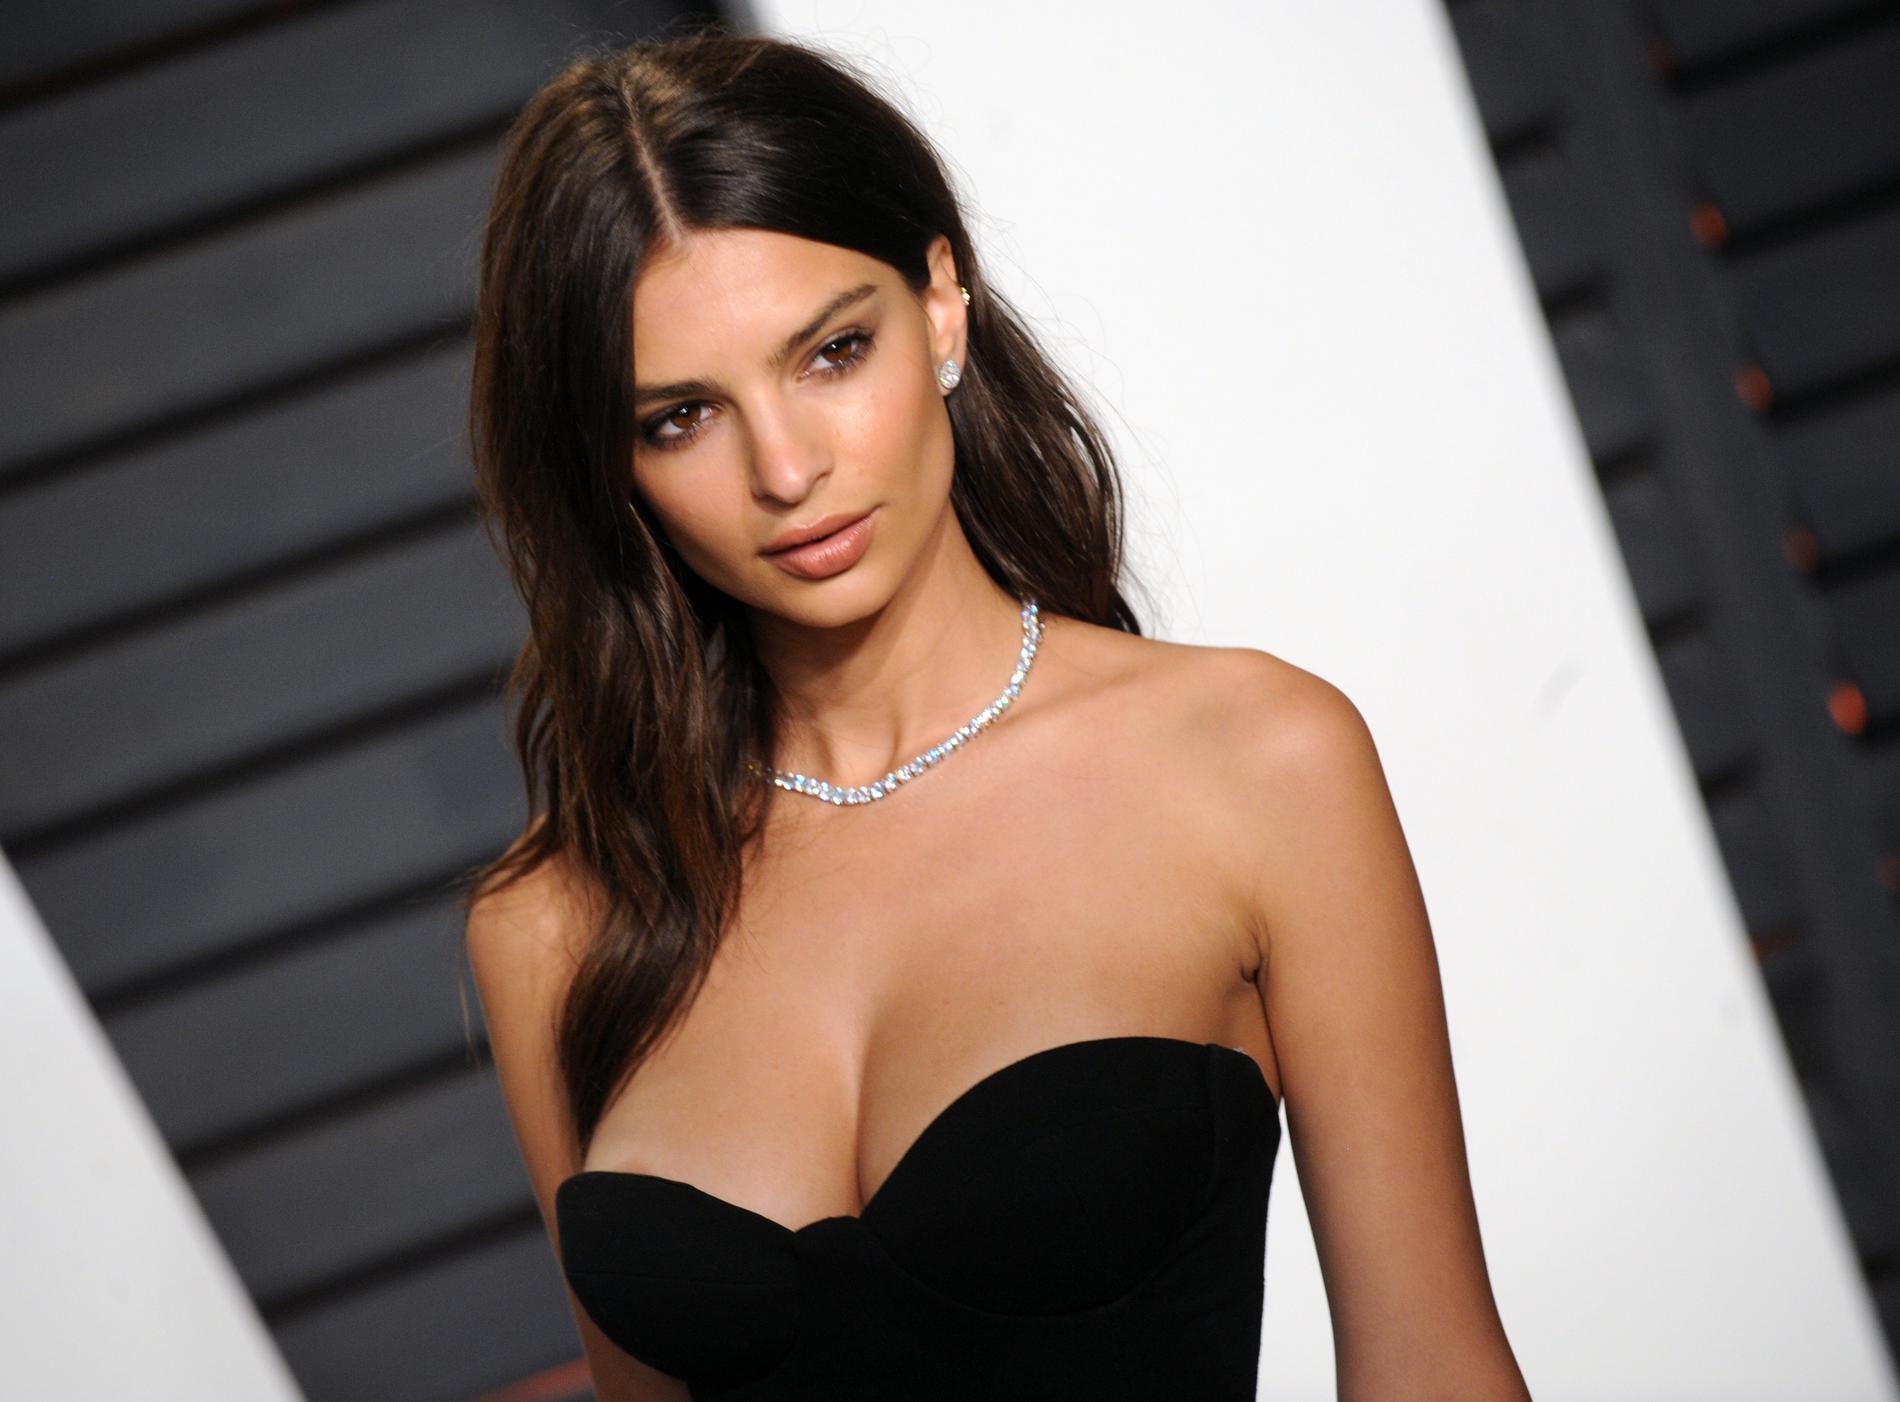 recherche femme pour sex Toulon